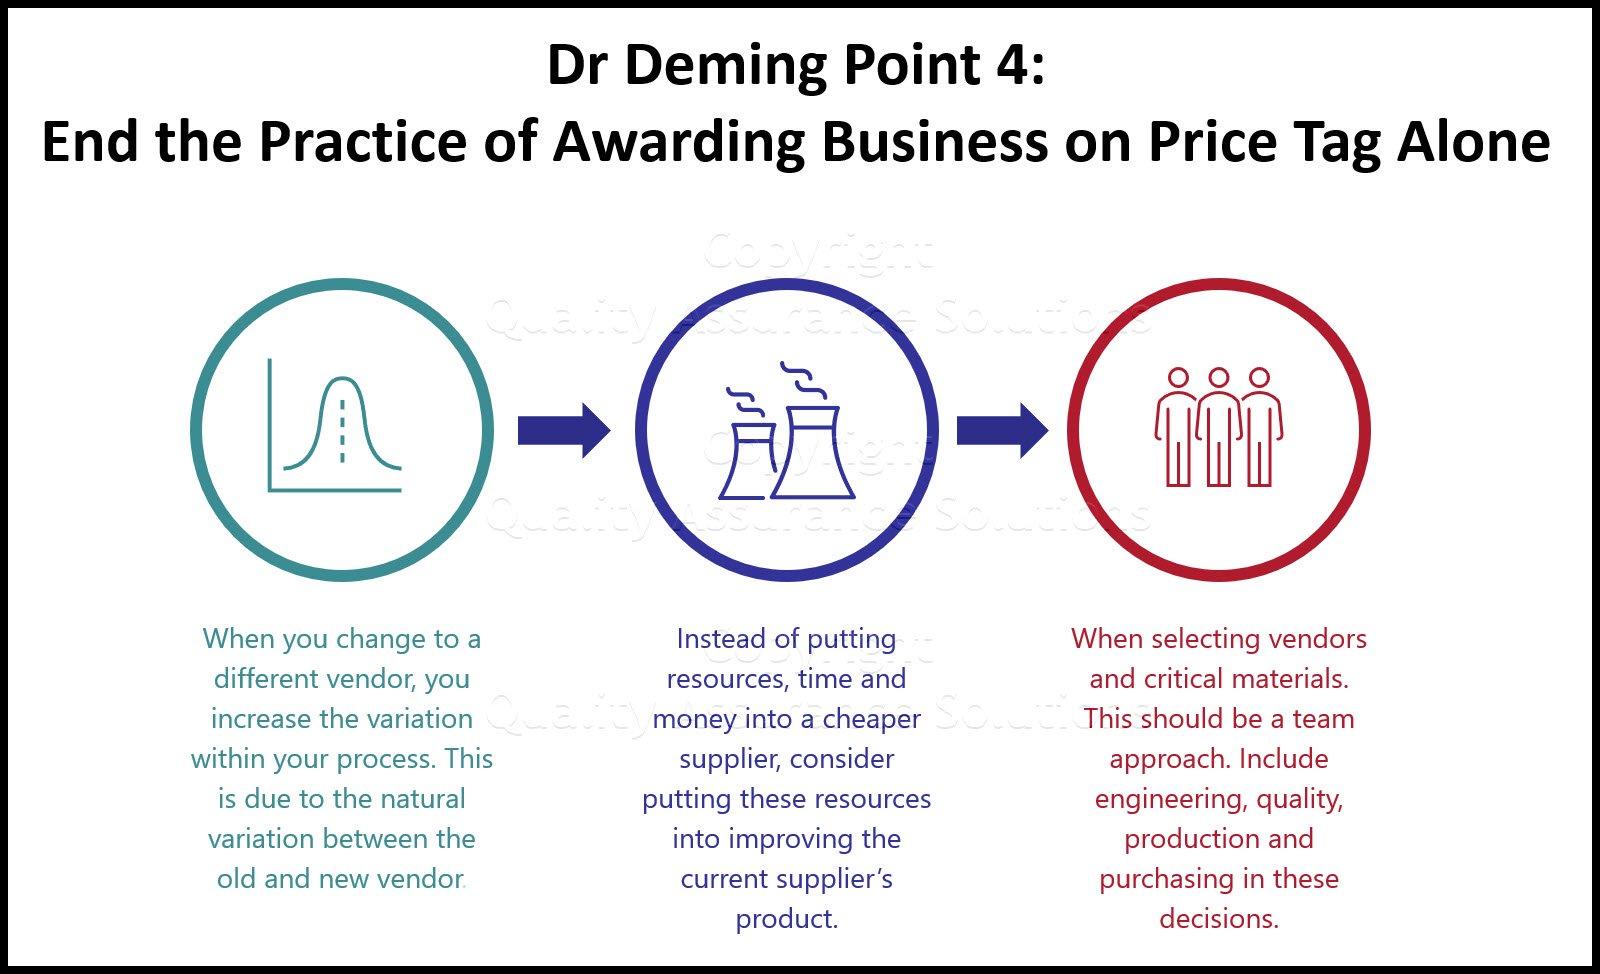 Deming Point 4 slide